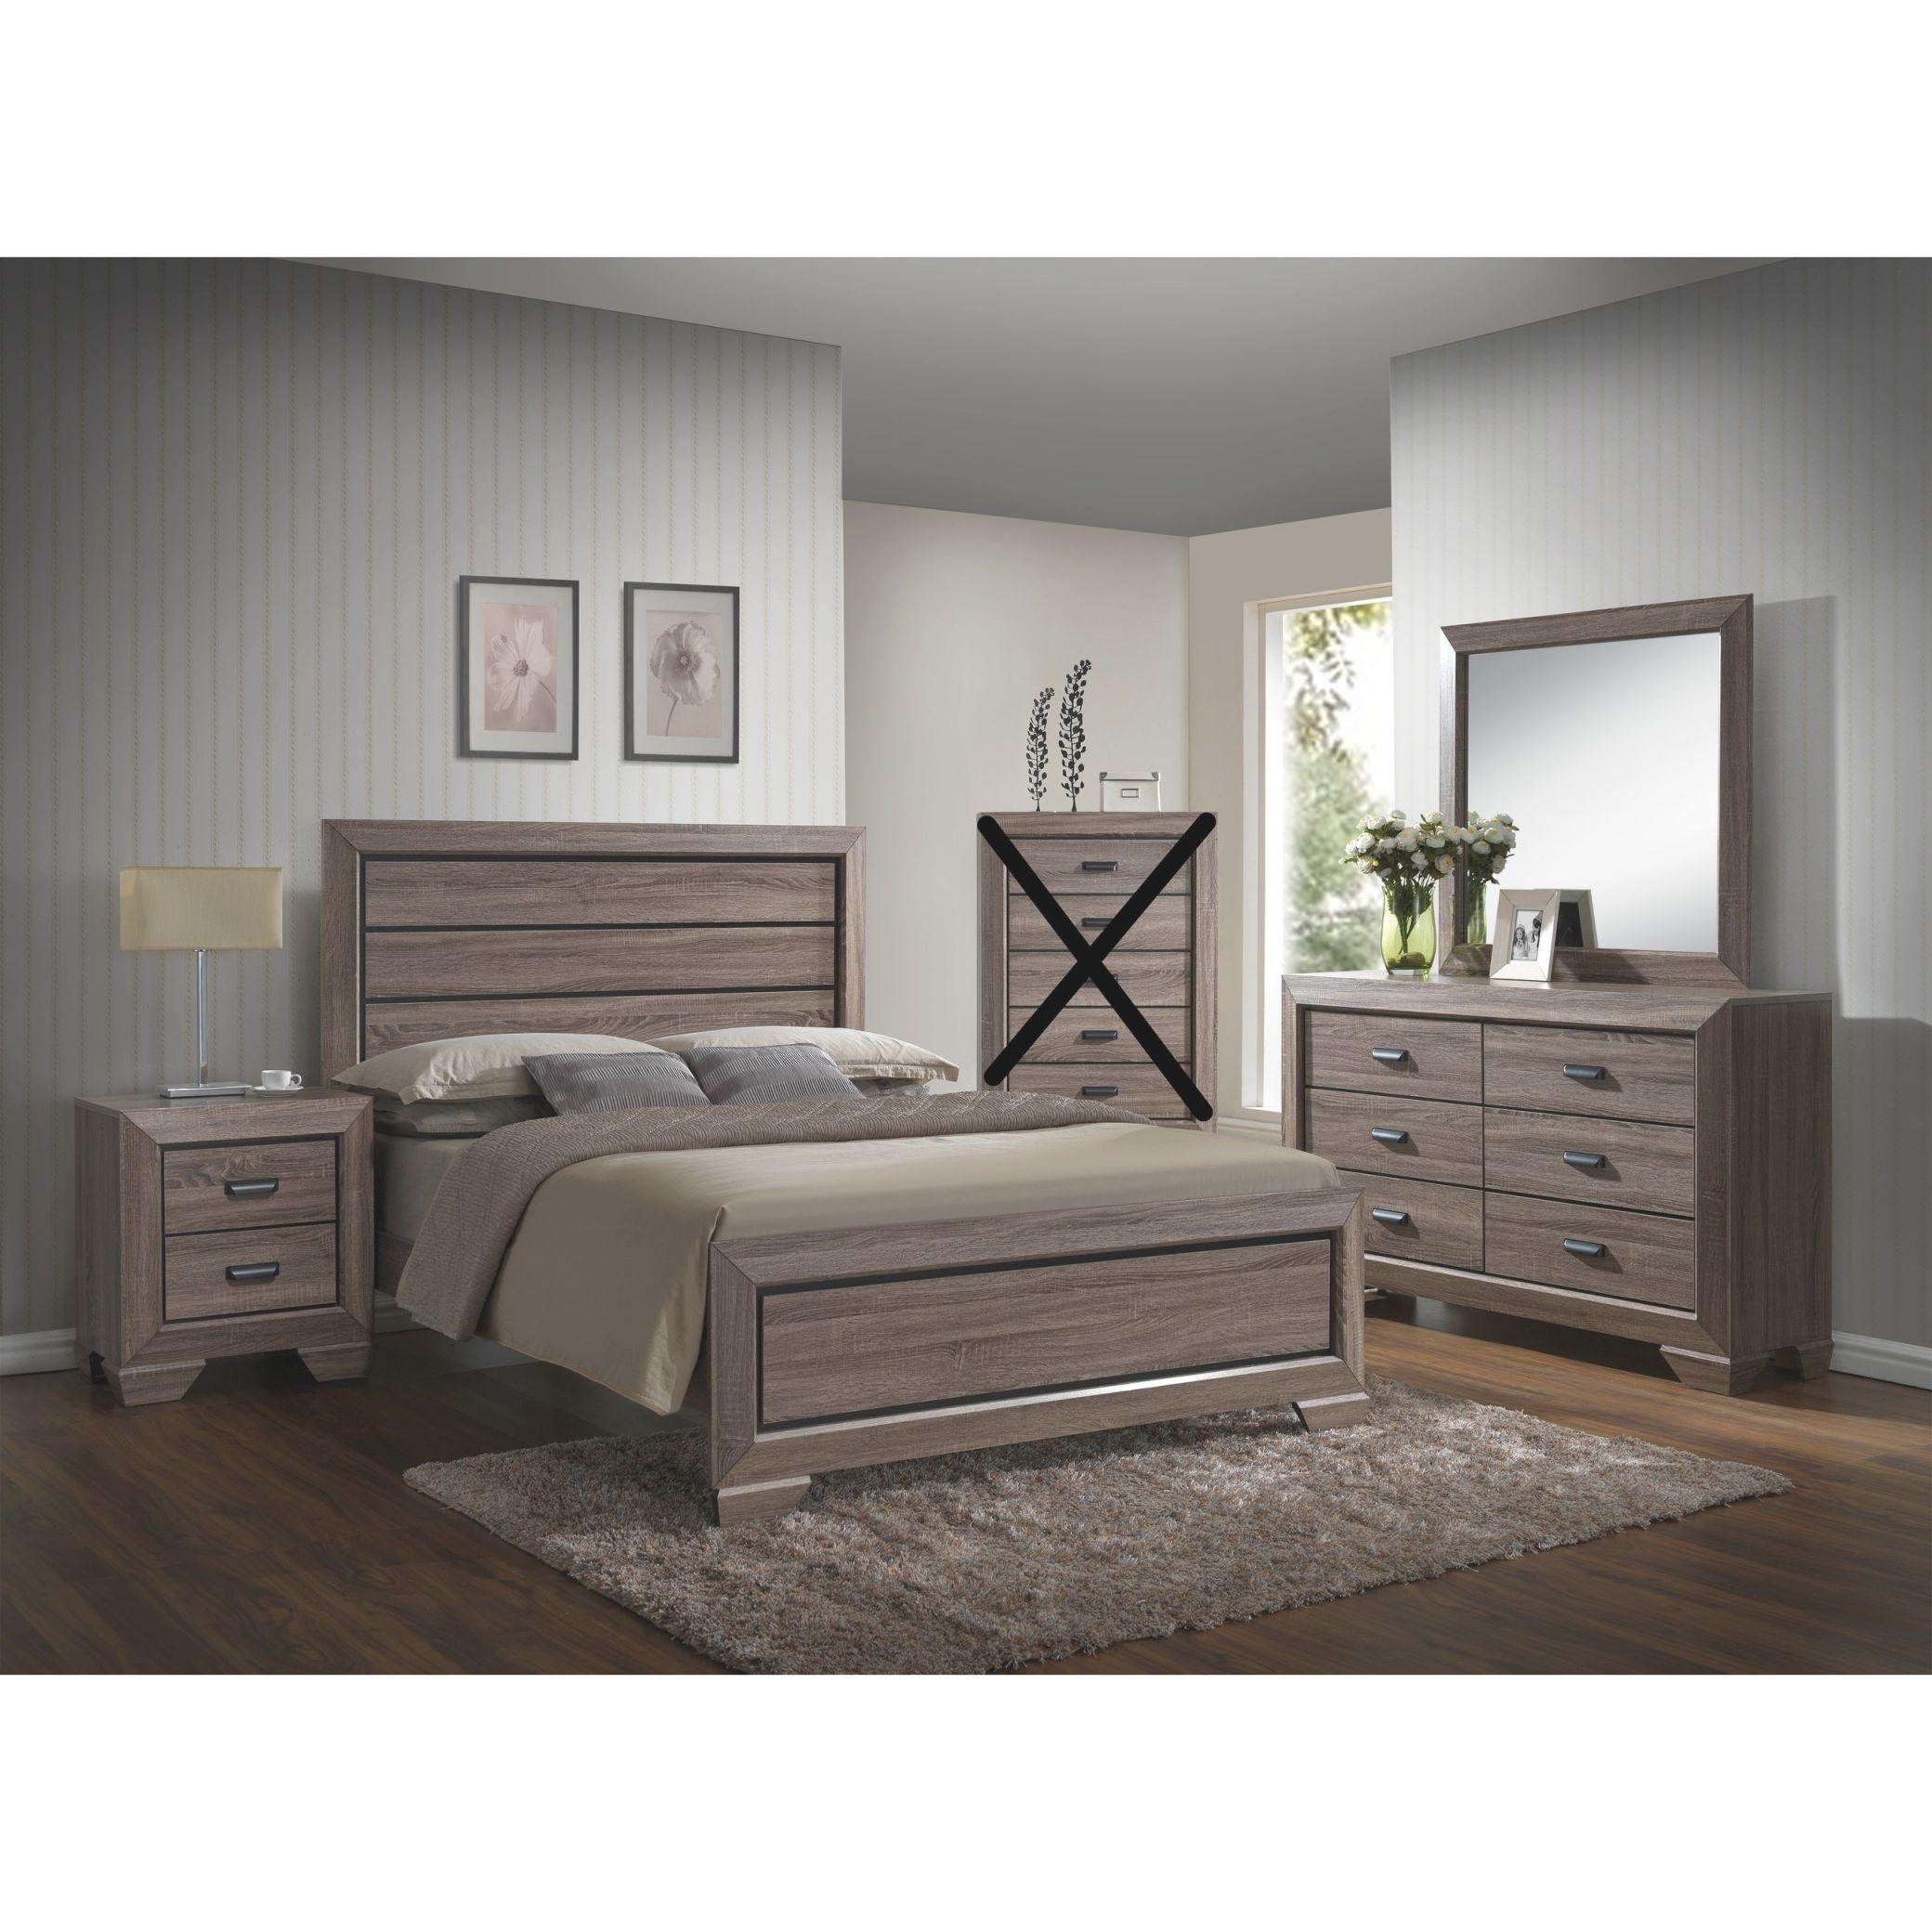 Large Scale Rustic Wooden Grey Queen Bedroom Set throughout Beautiful Bedroom Set Queen